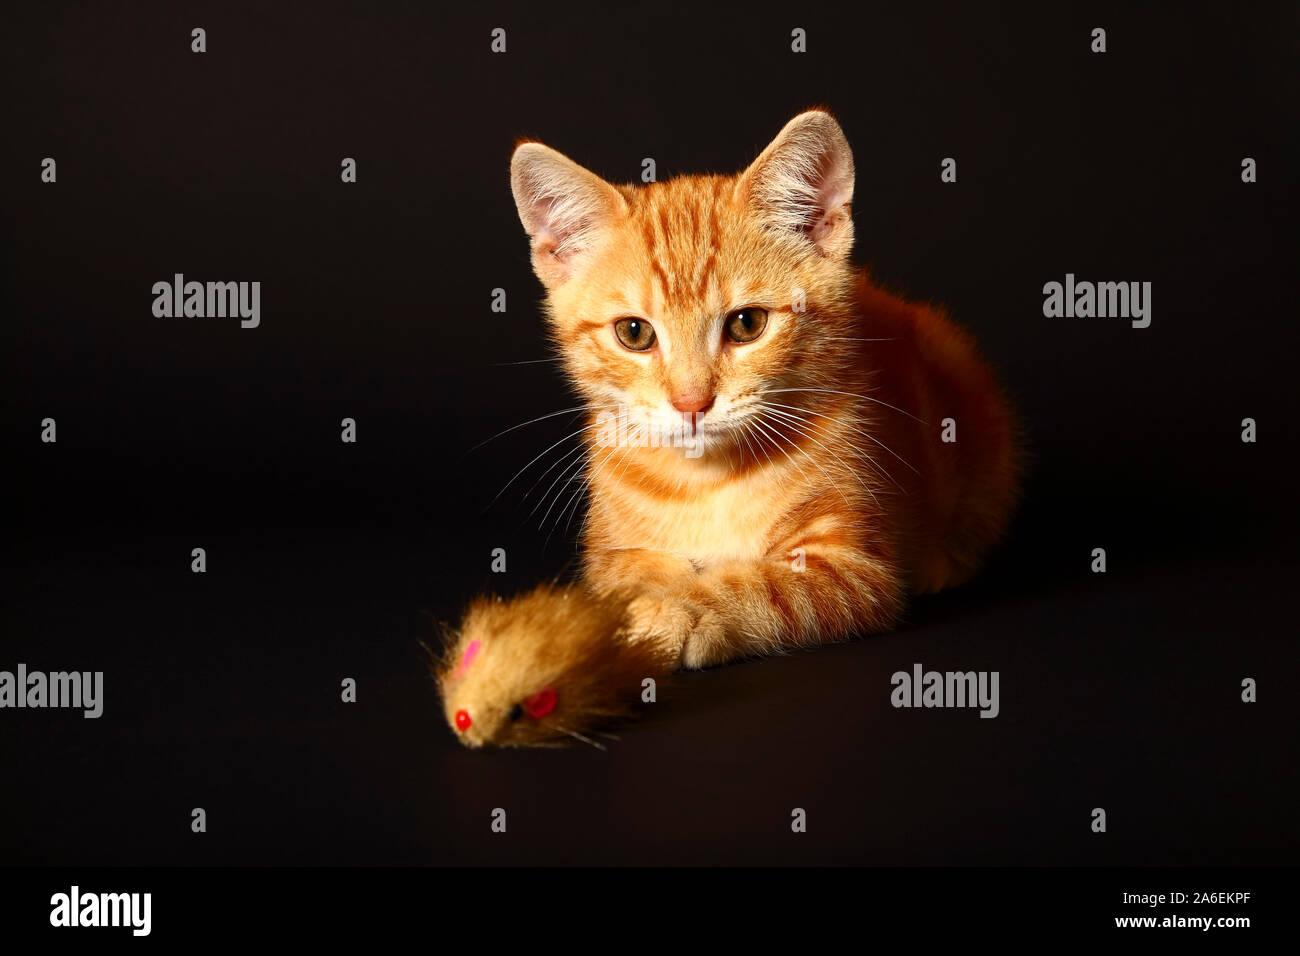 Le gingembre mackerel tabby chat jouant avec une souris jouet pour chat isolé sur un fond noir Banque D'Images